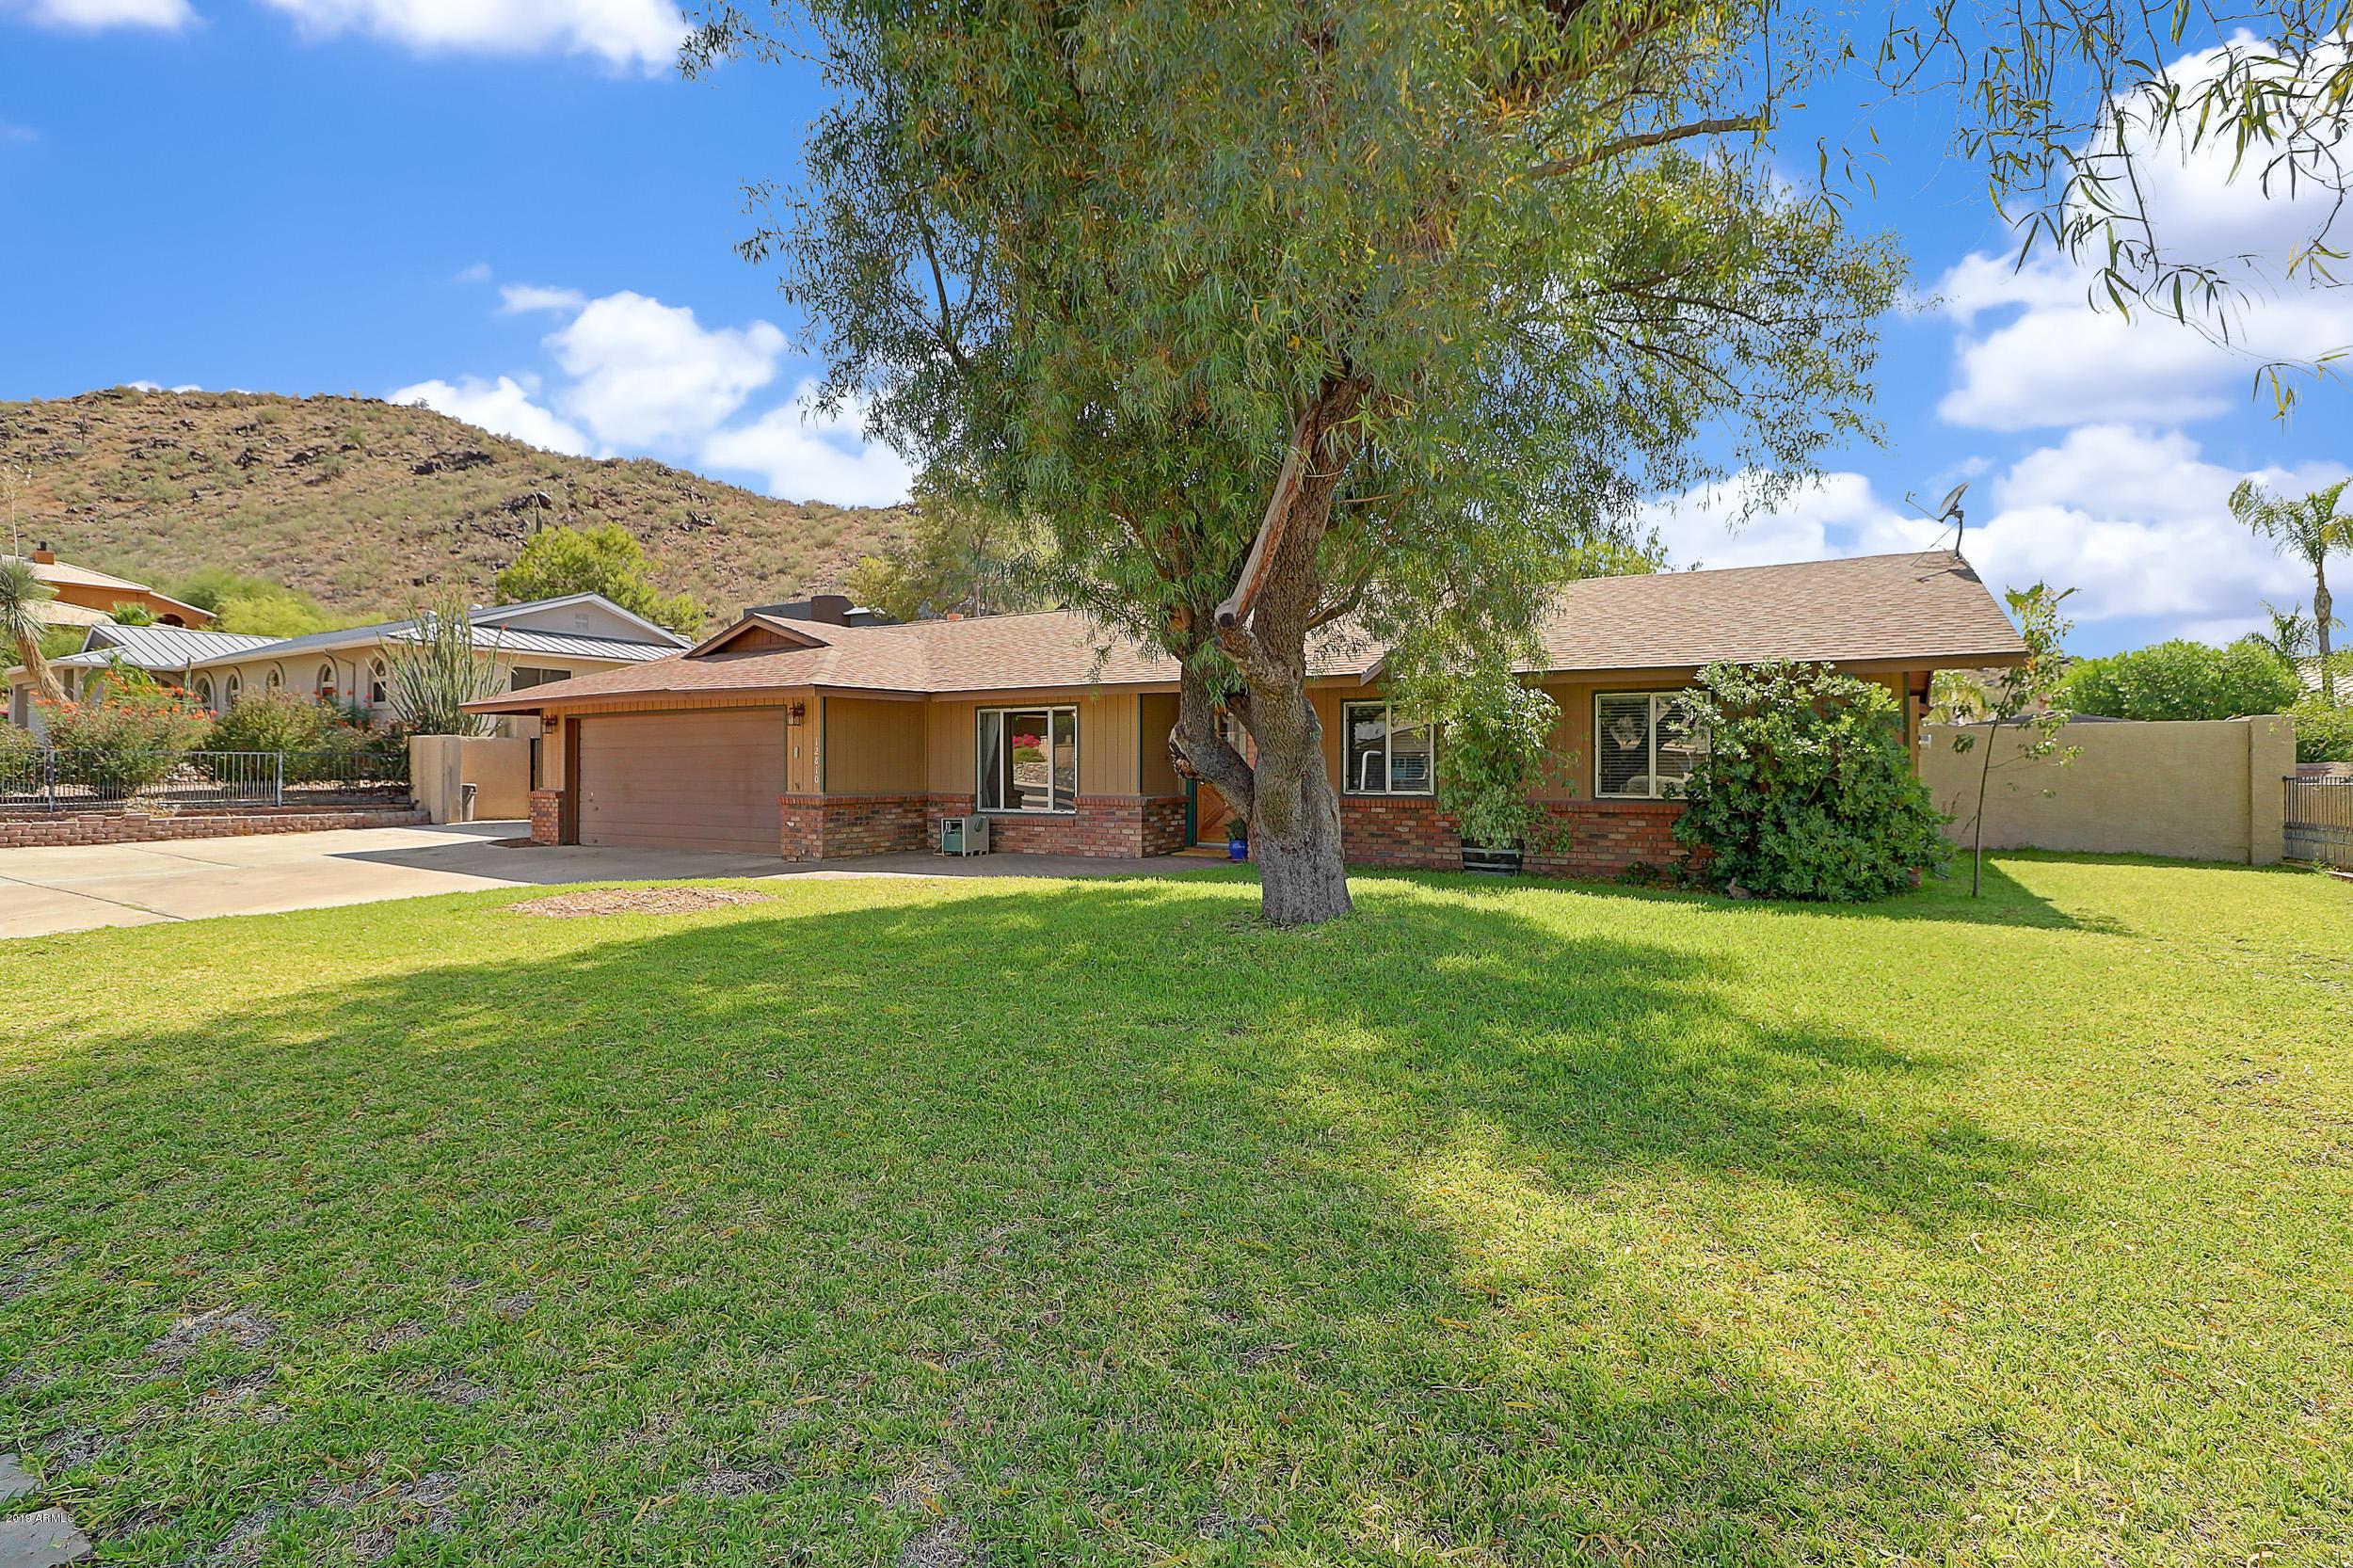 12810 N 17TH Avenue, North Mountain-Phoenix, Arizona